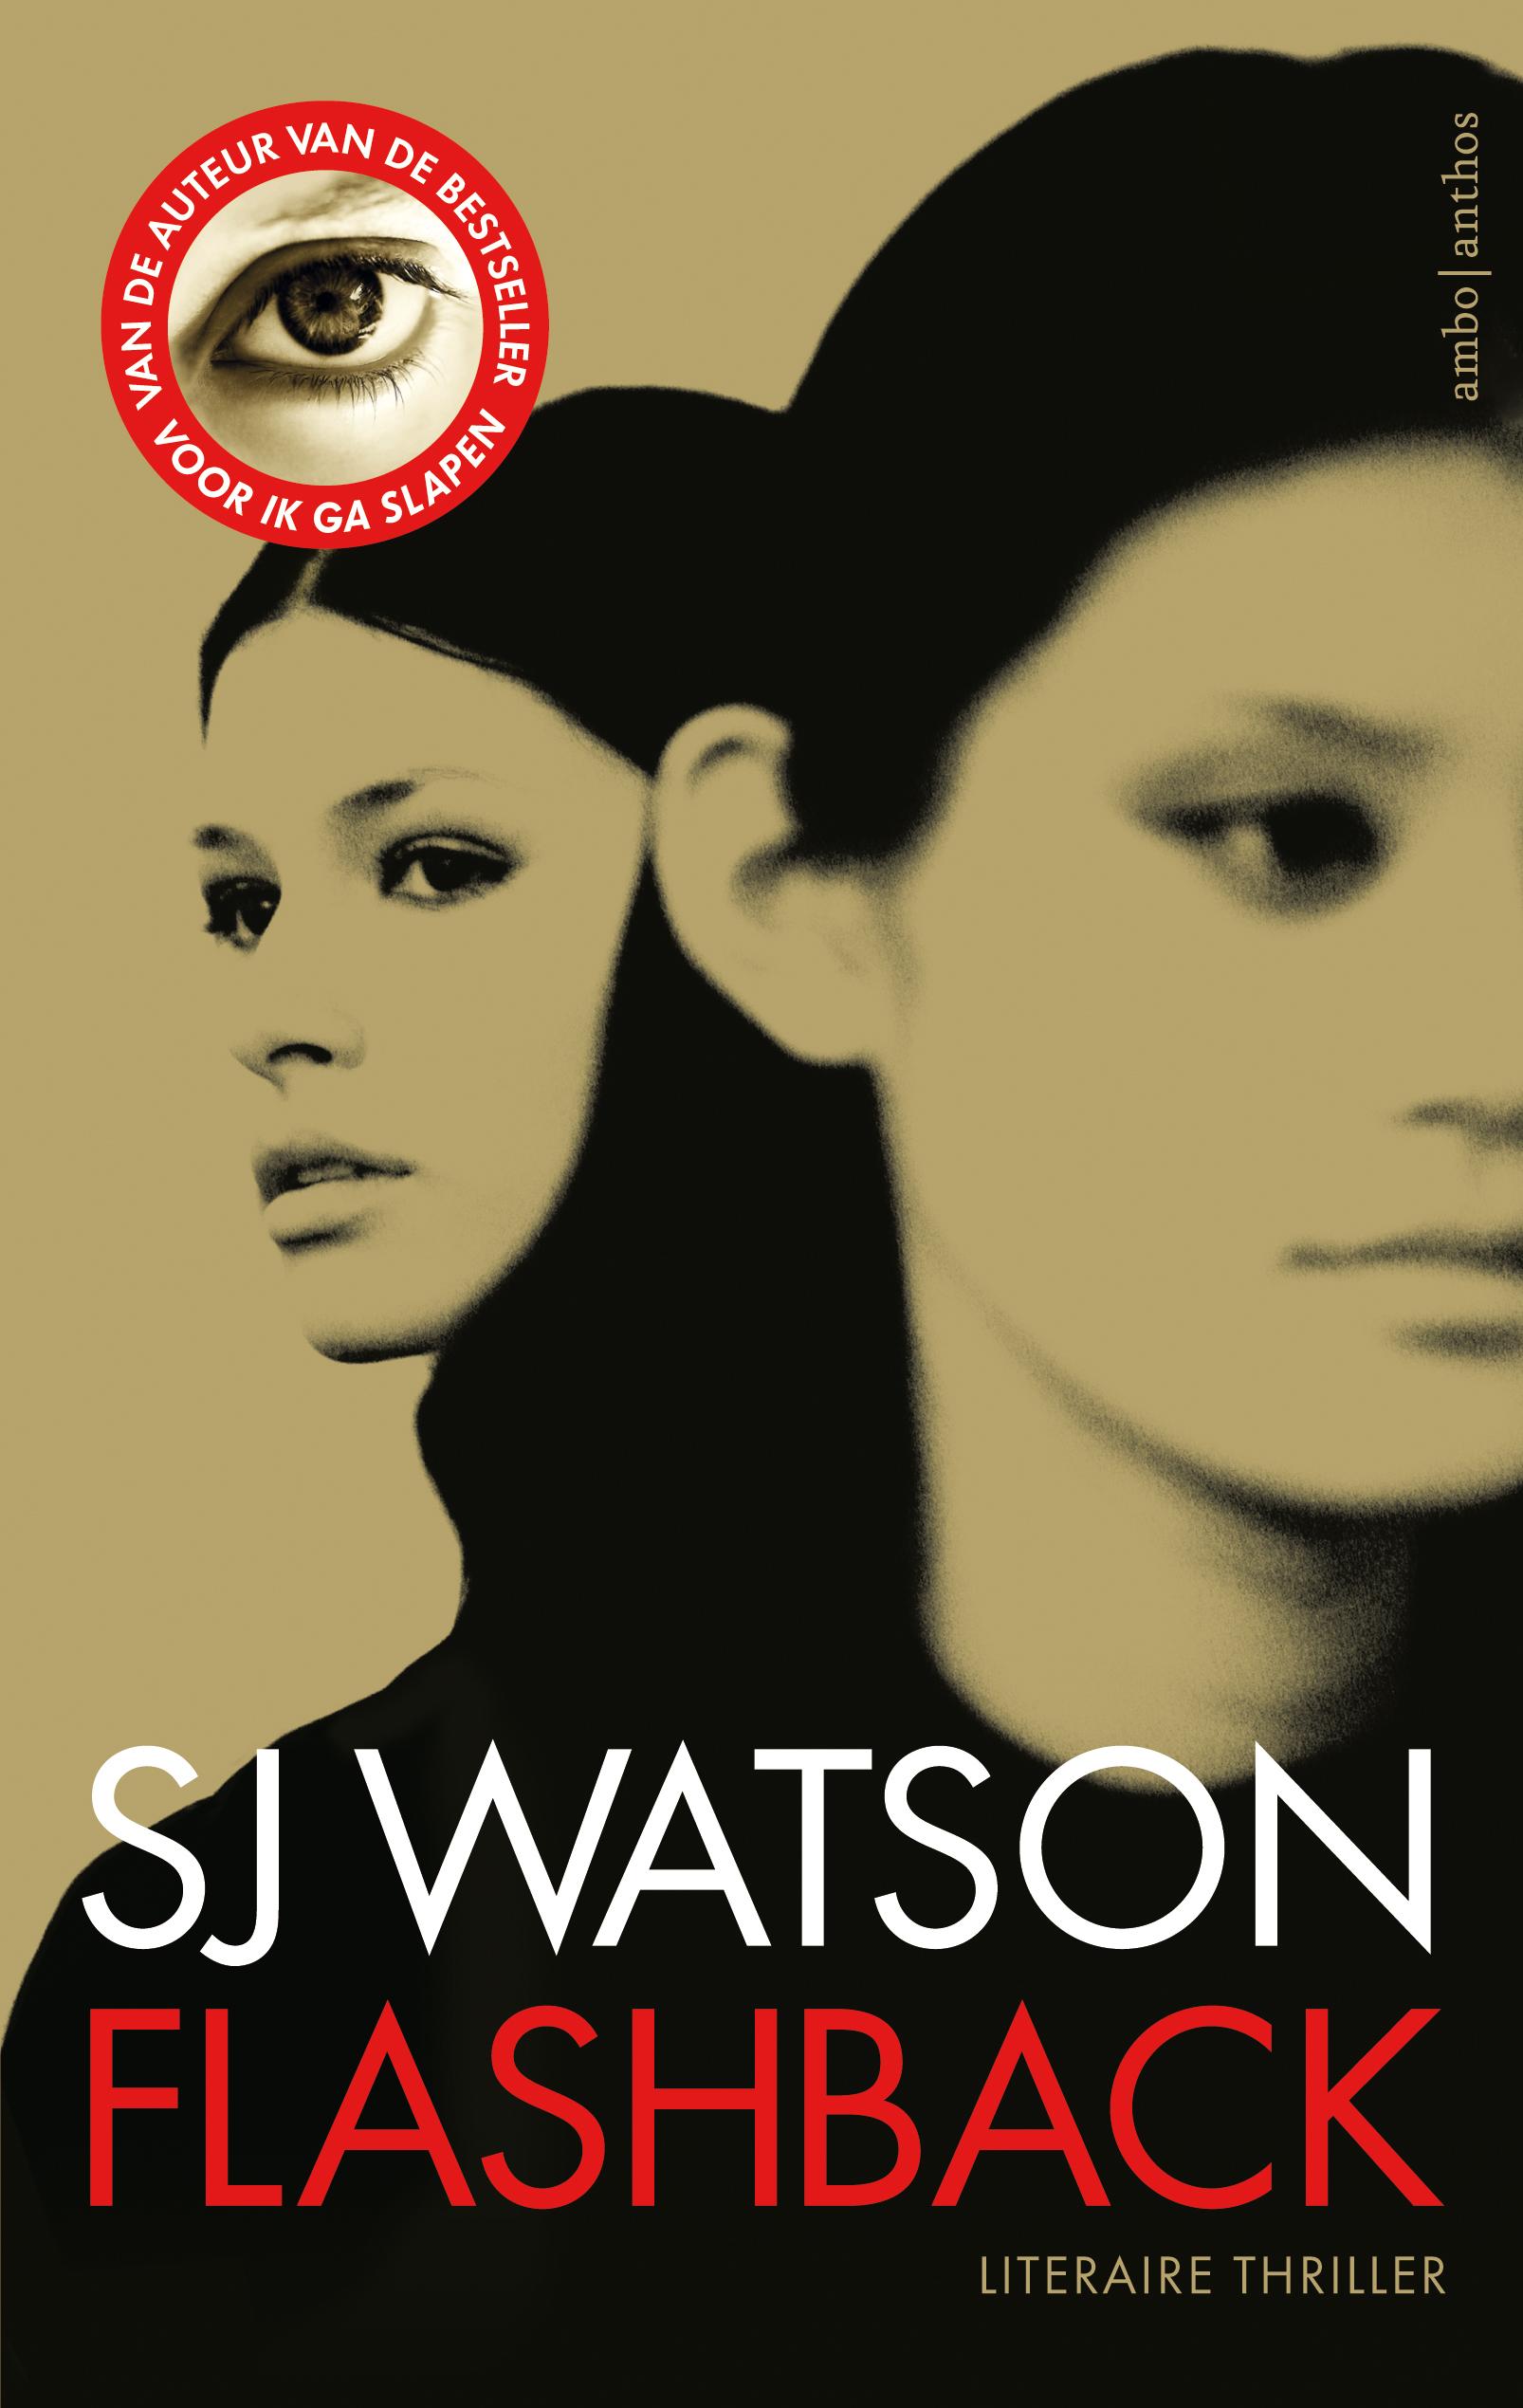 [PDF] [EPUB] Flashback Download by S.J. Watson